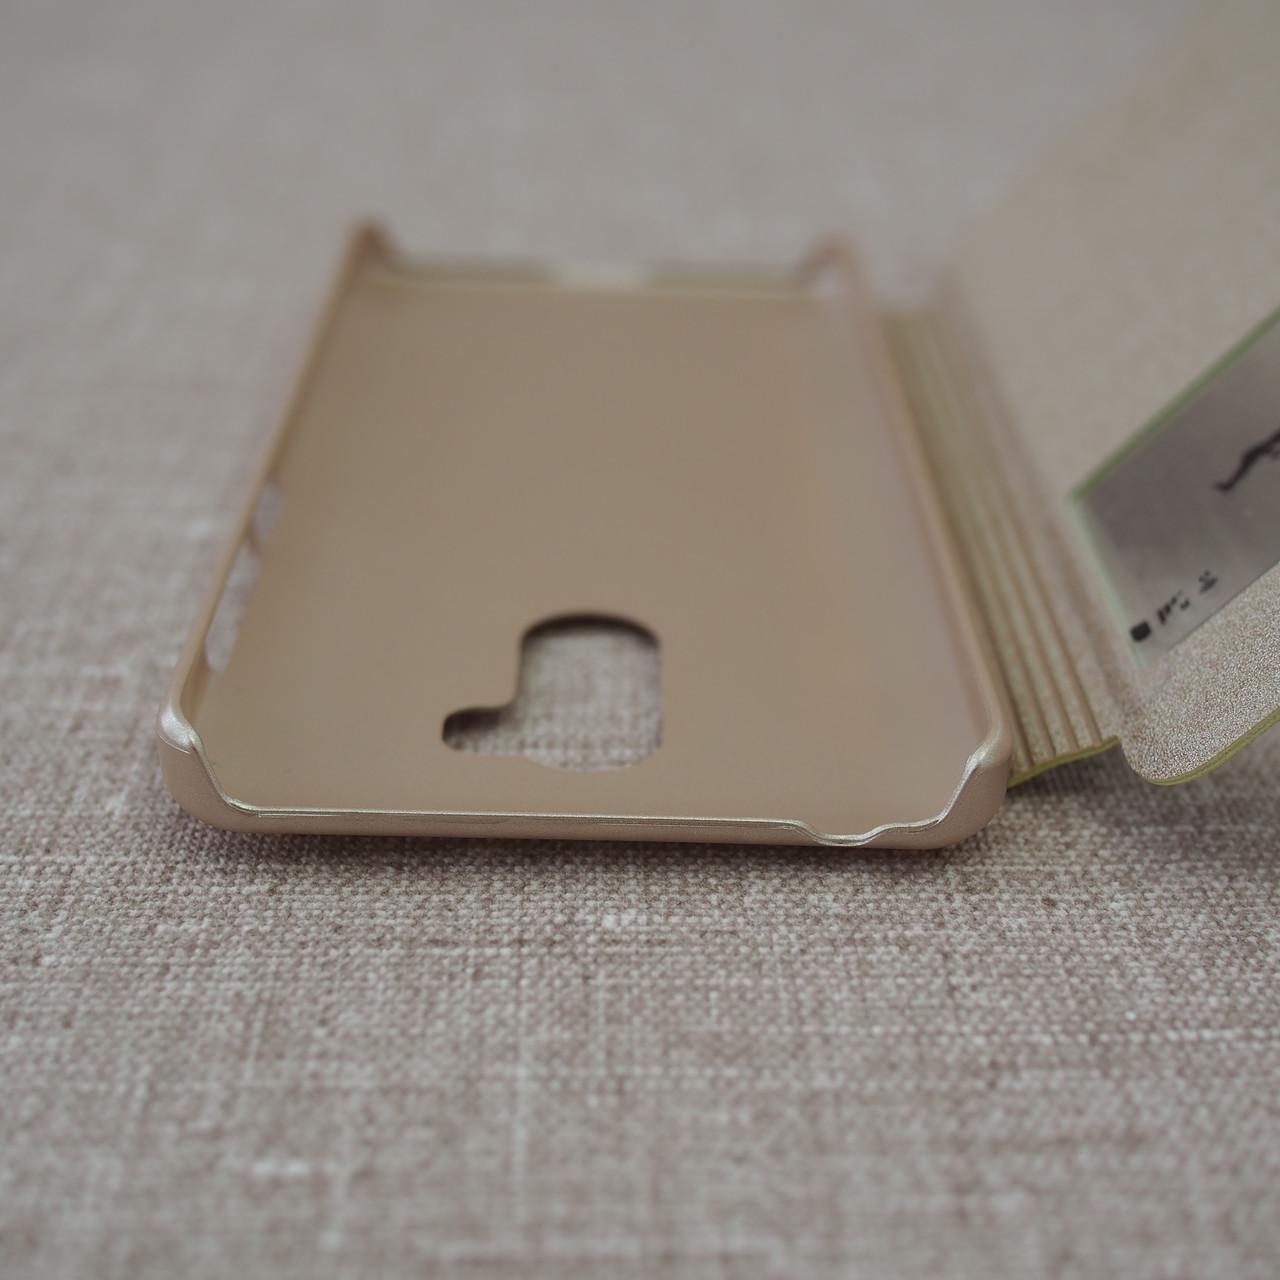 Чехол Nillkin Sparkle Xiaomi Redmi 4 Pro gold Prime